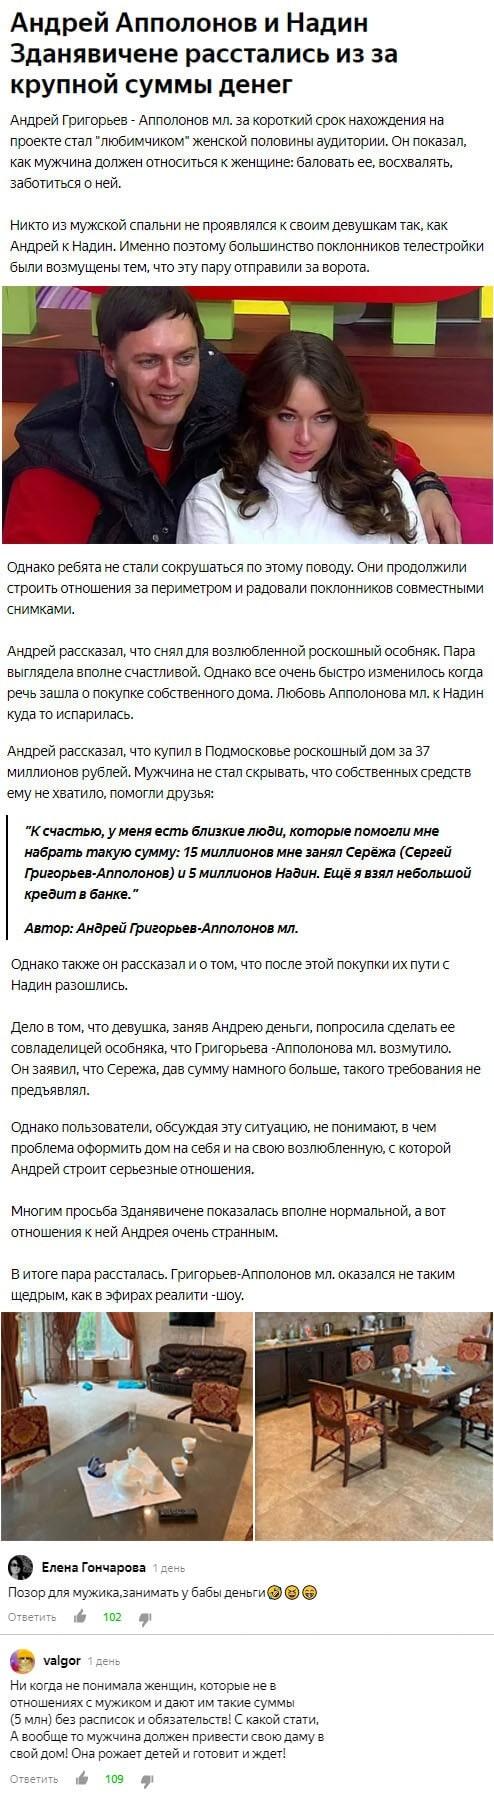 Андрей Аполлонов и Надин Зданявичене расстались из-за скандала